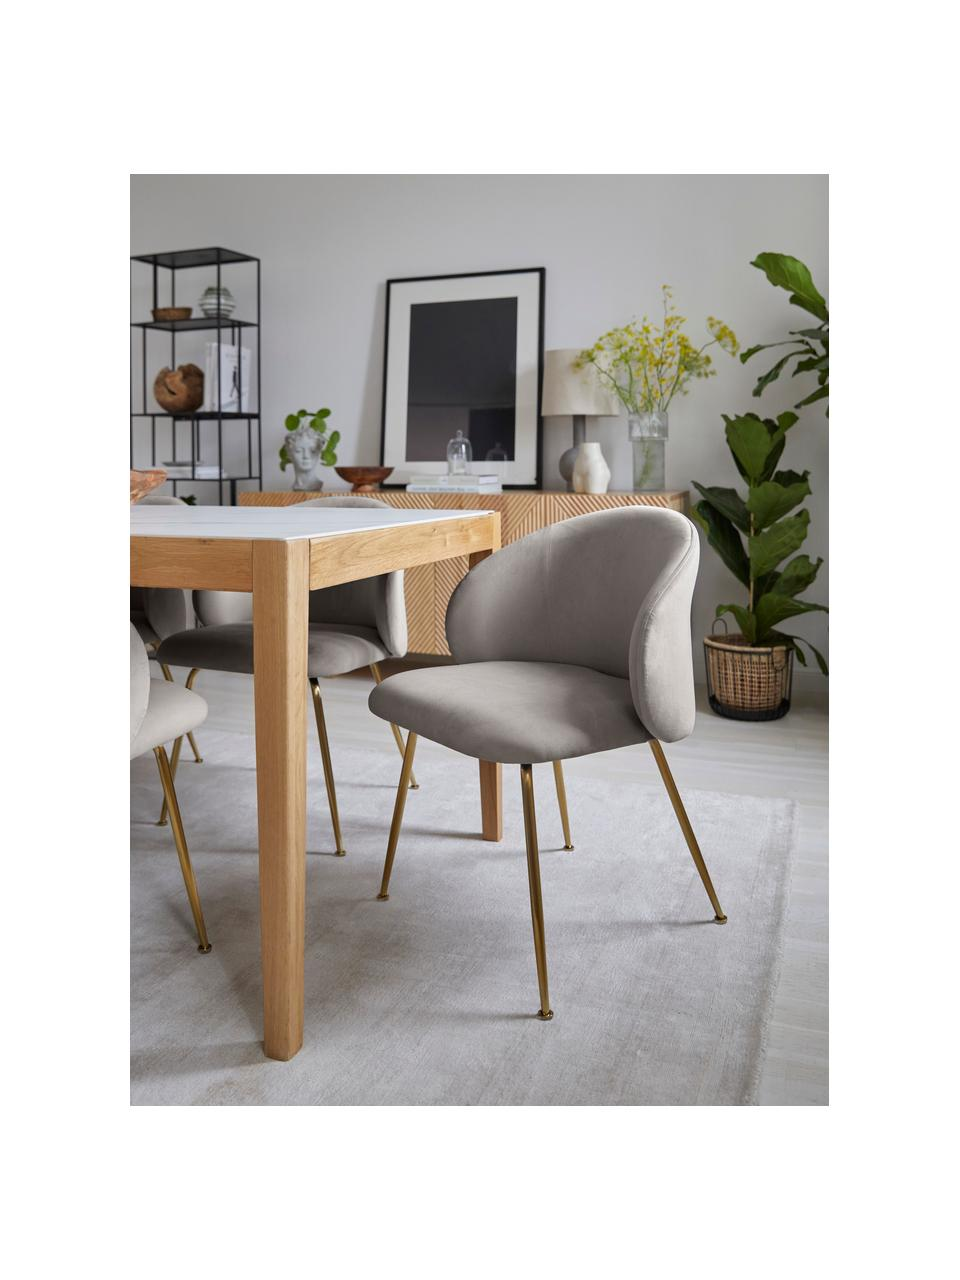 Fluwelen stoelen Luisa, 2 stuks, Bekleding: fluweel (100% polyester), Poten: gepoedercoat metaal, Fluweel lichtgrijs, goudkleurig, B 61 x D 58 cm